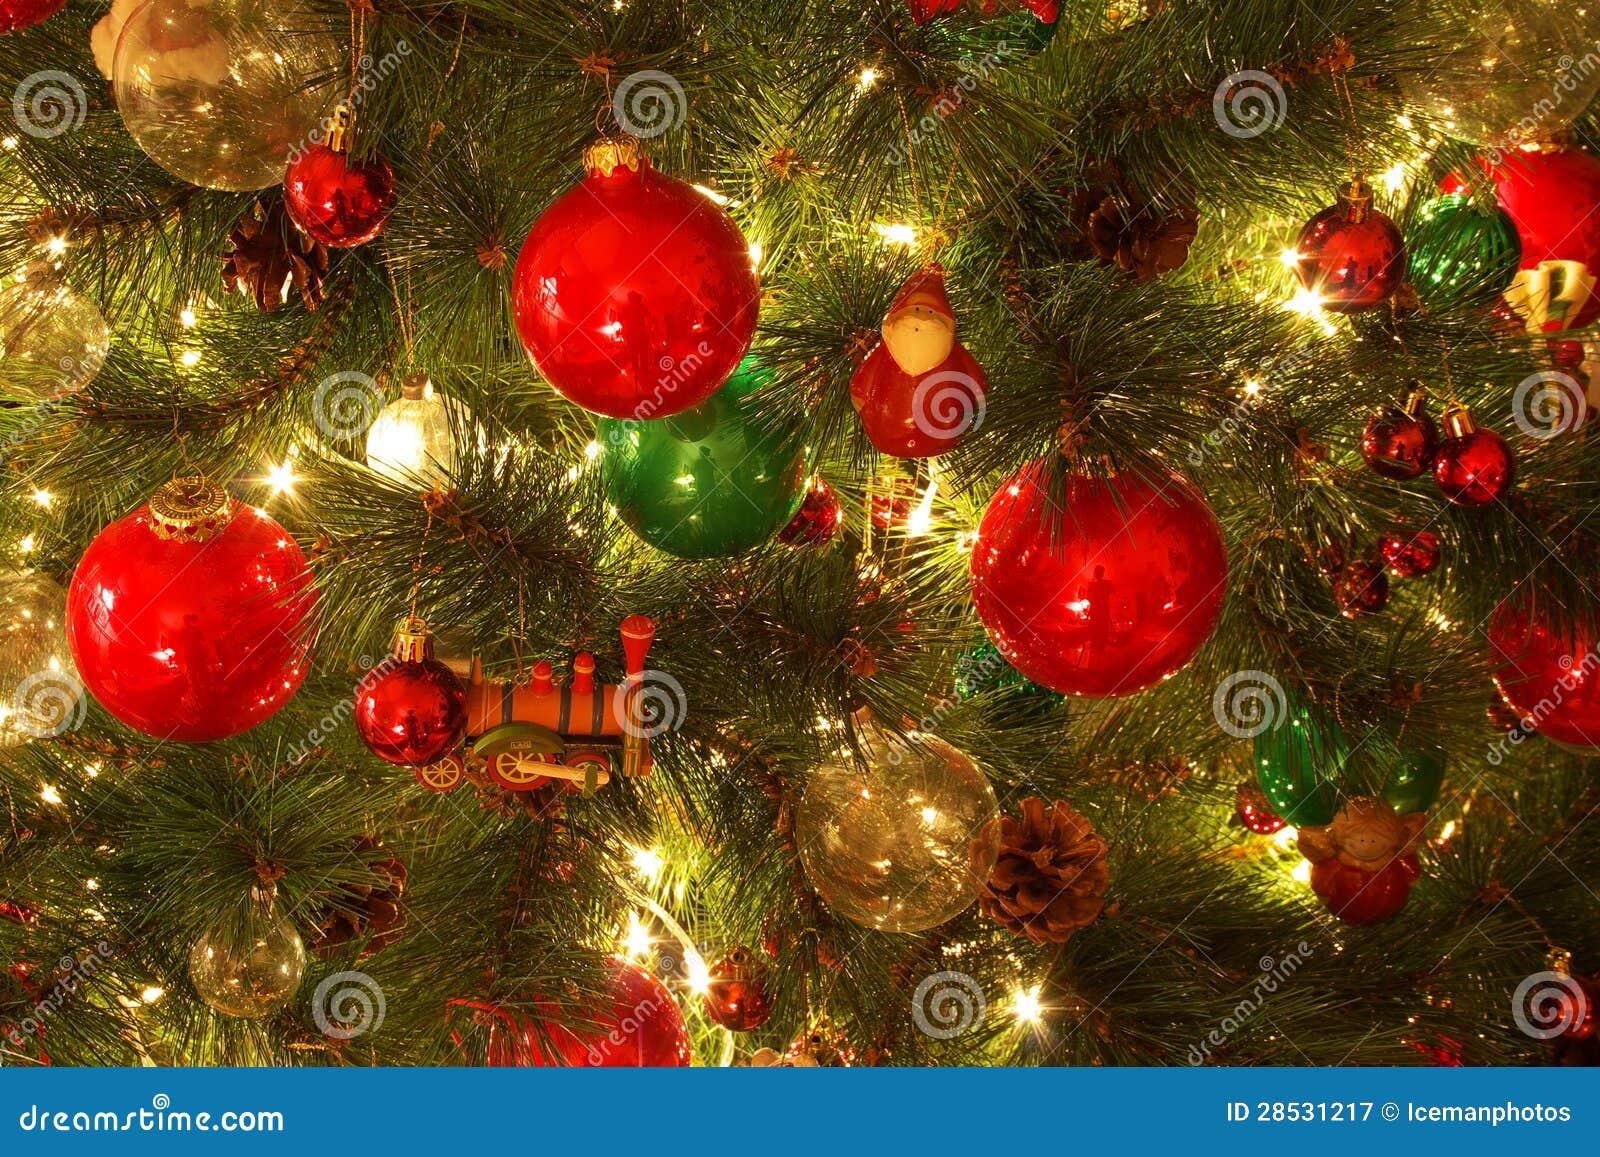 Διακοσμήσεις χριστουγεννιάτικων δέντρων